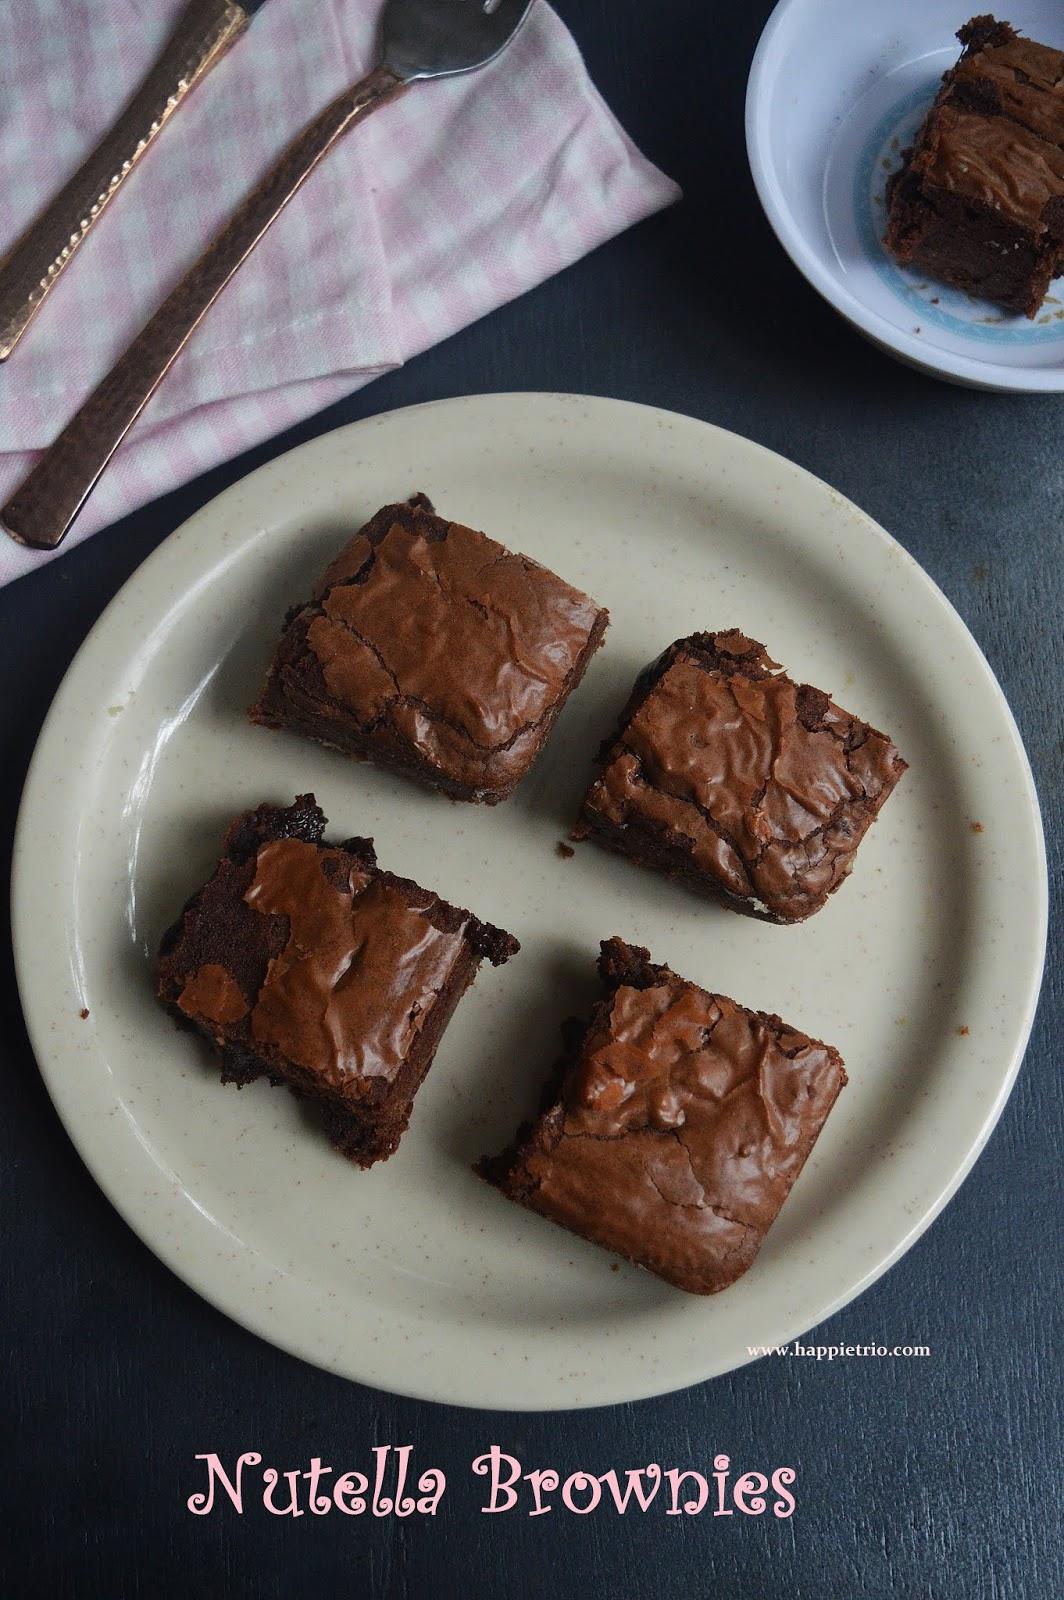 Nutella Brownies Recipe | 3 Ingredients Nutella Brownie Recipe